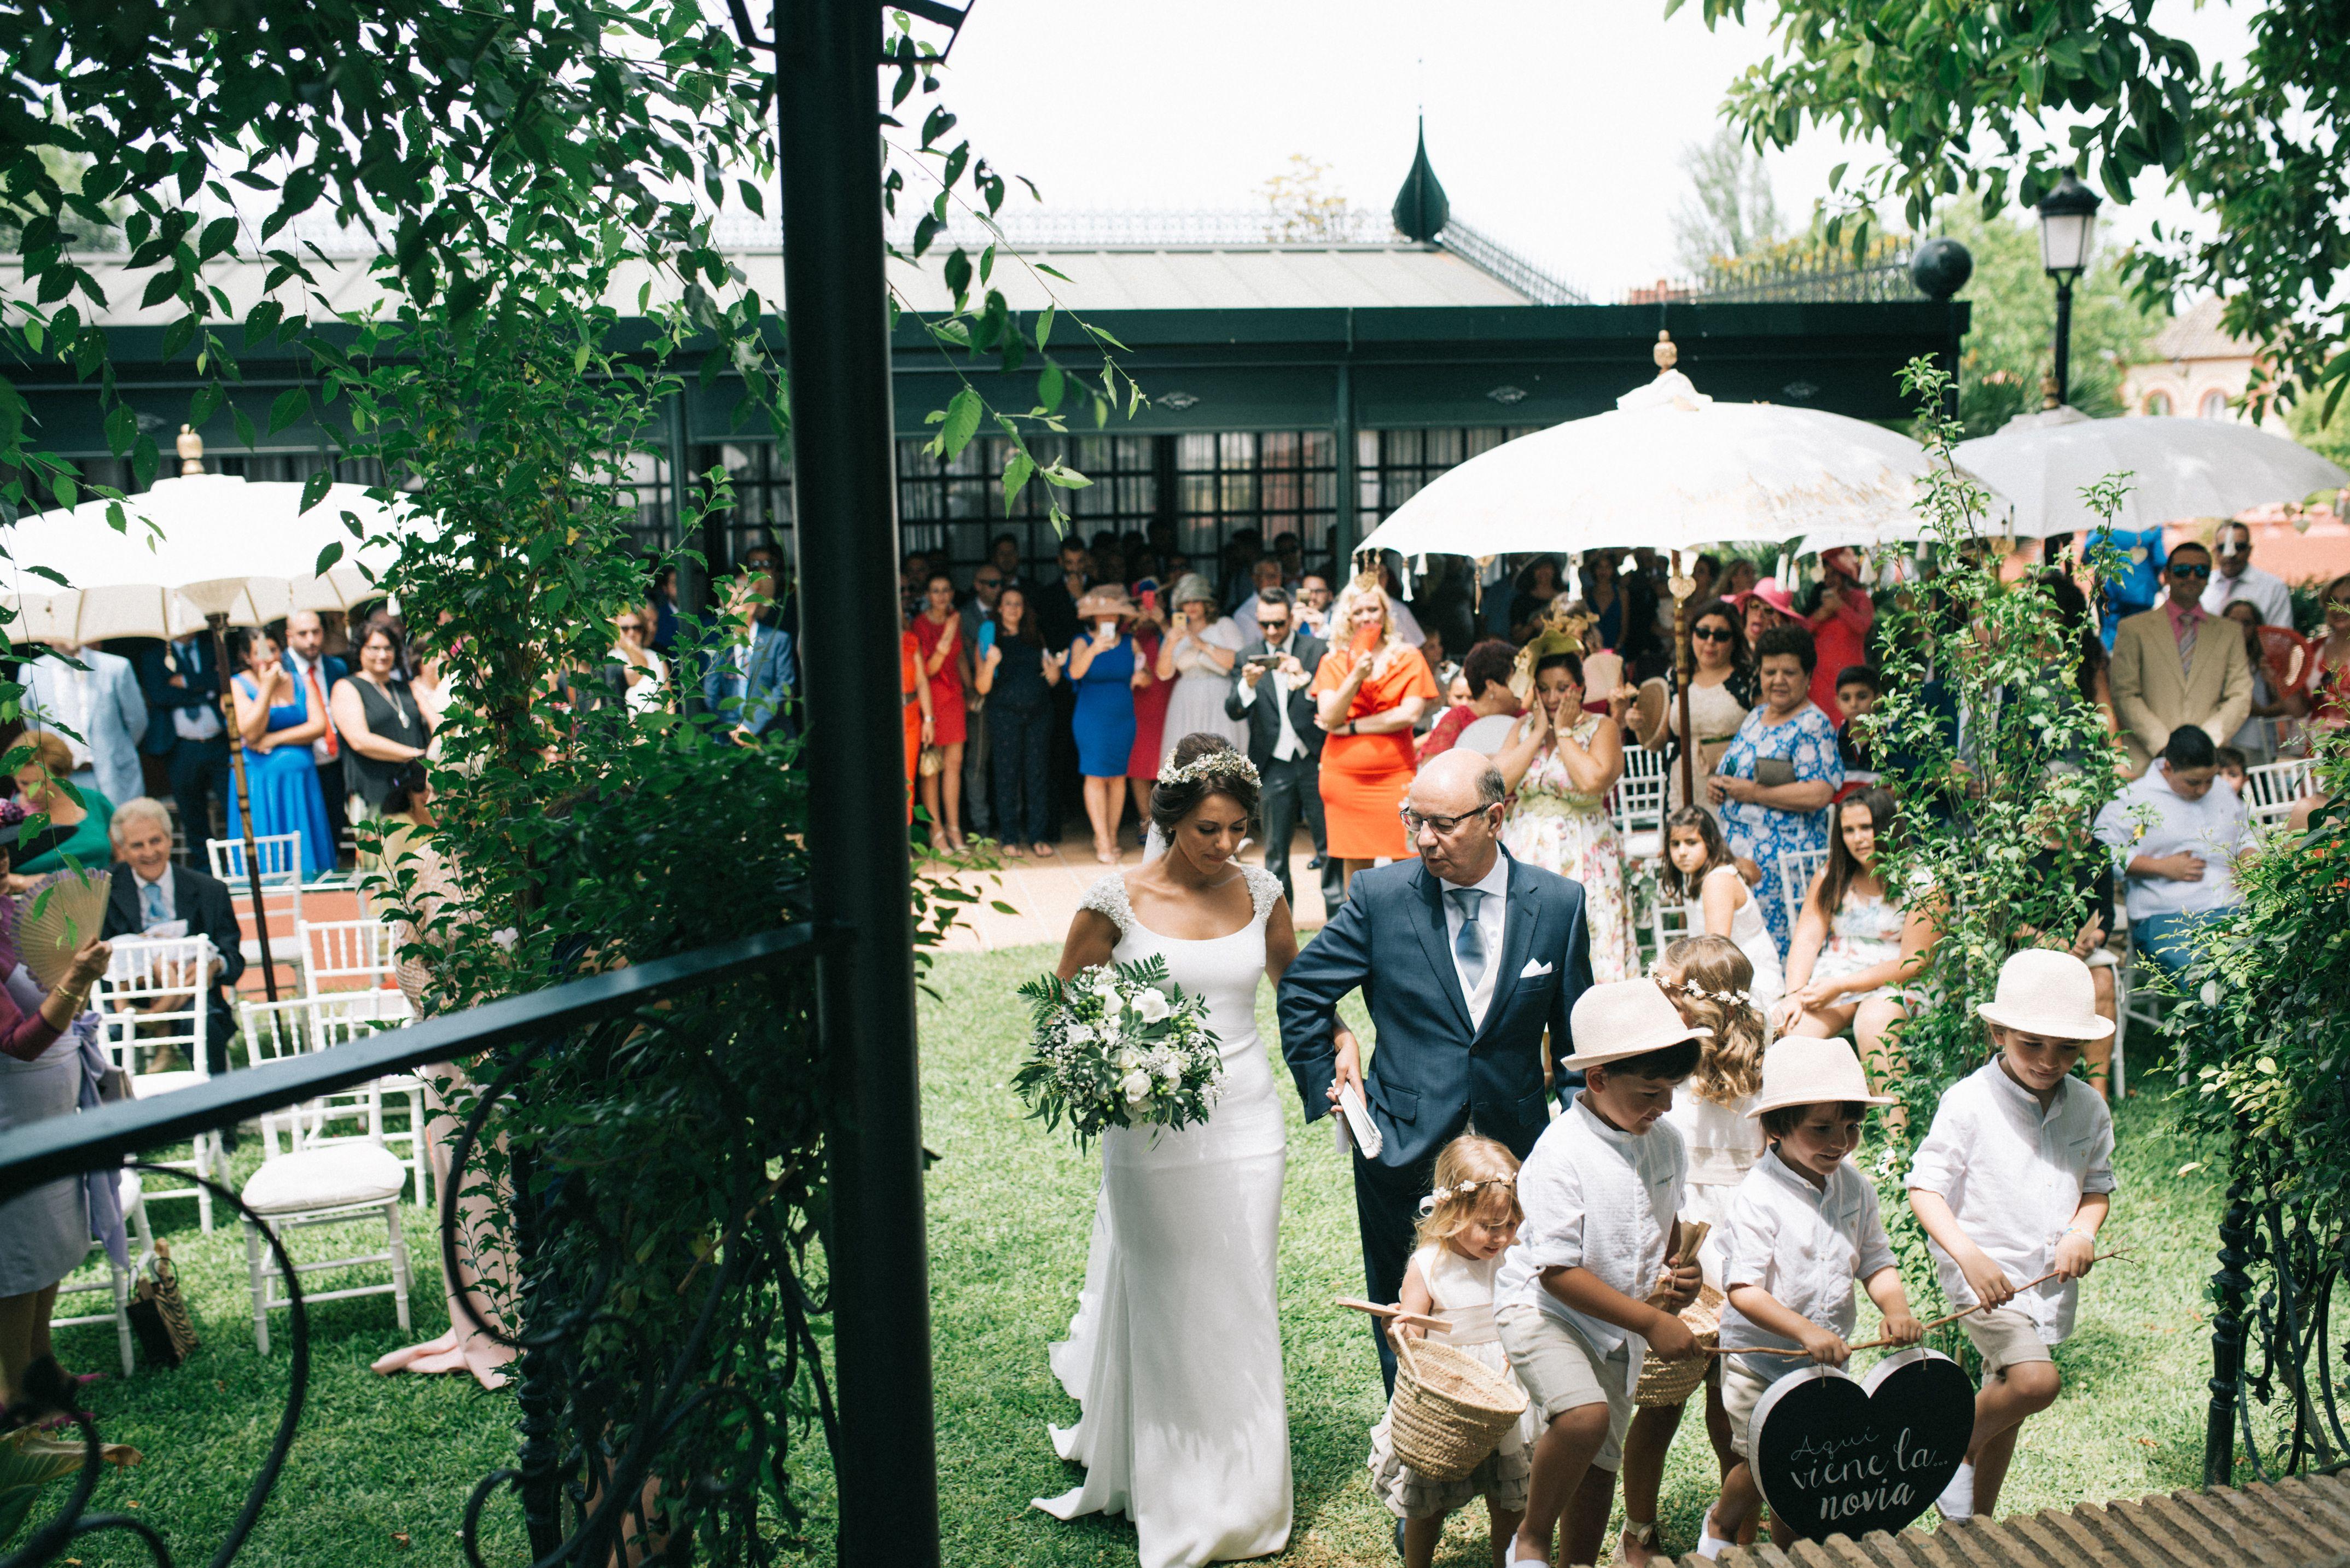 La boda de Roberto y Cristina 43